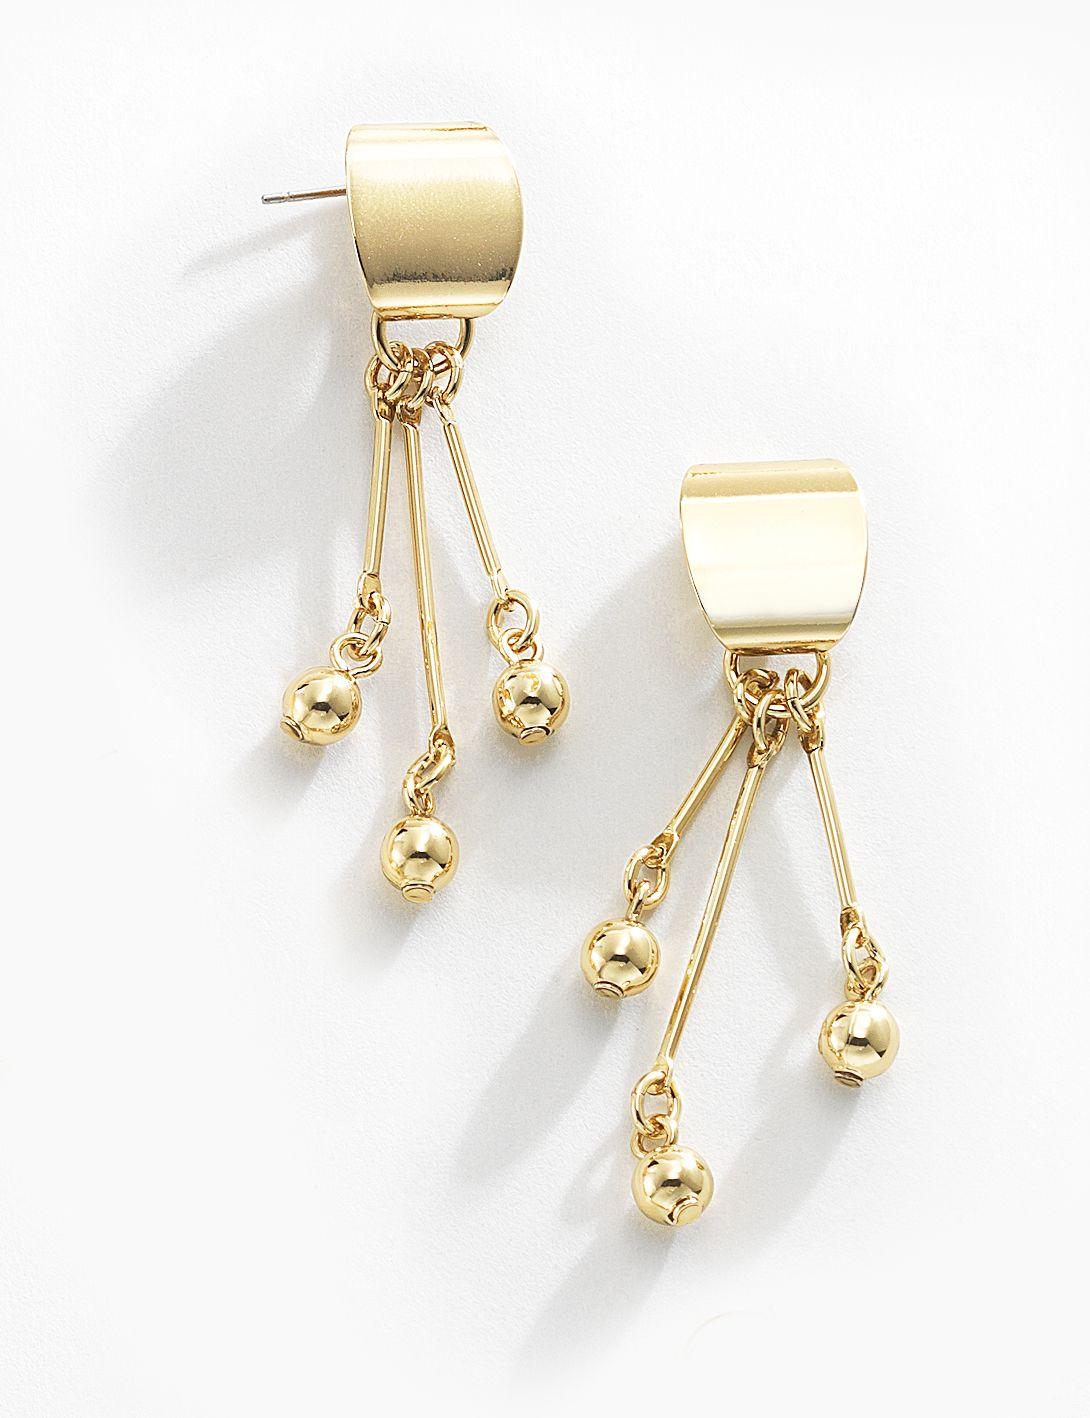 56b1933ad921 Moda Para Mujer · Joyas · Estilo que llama la atención. Estos preciosos  aretes con colgantes